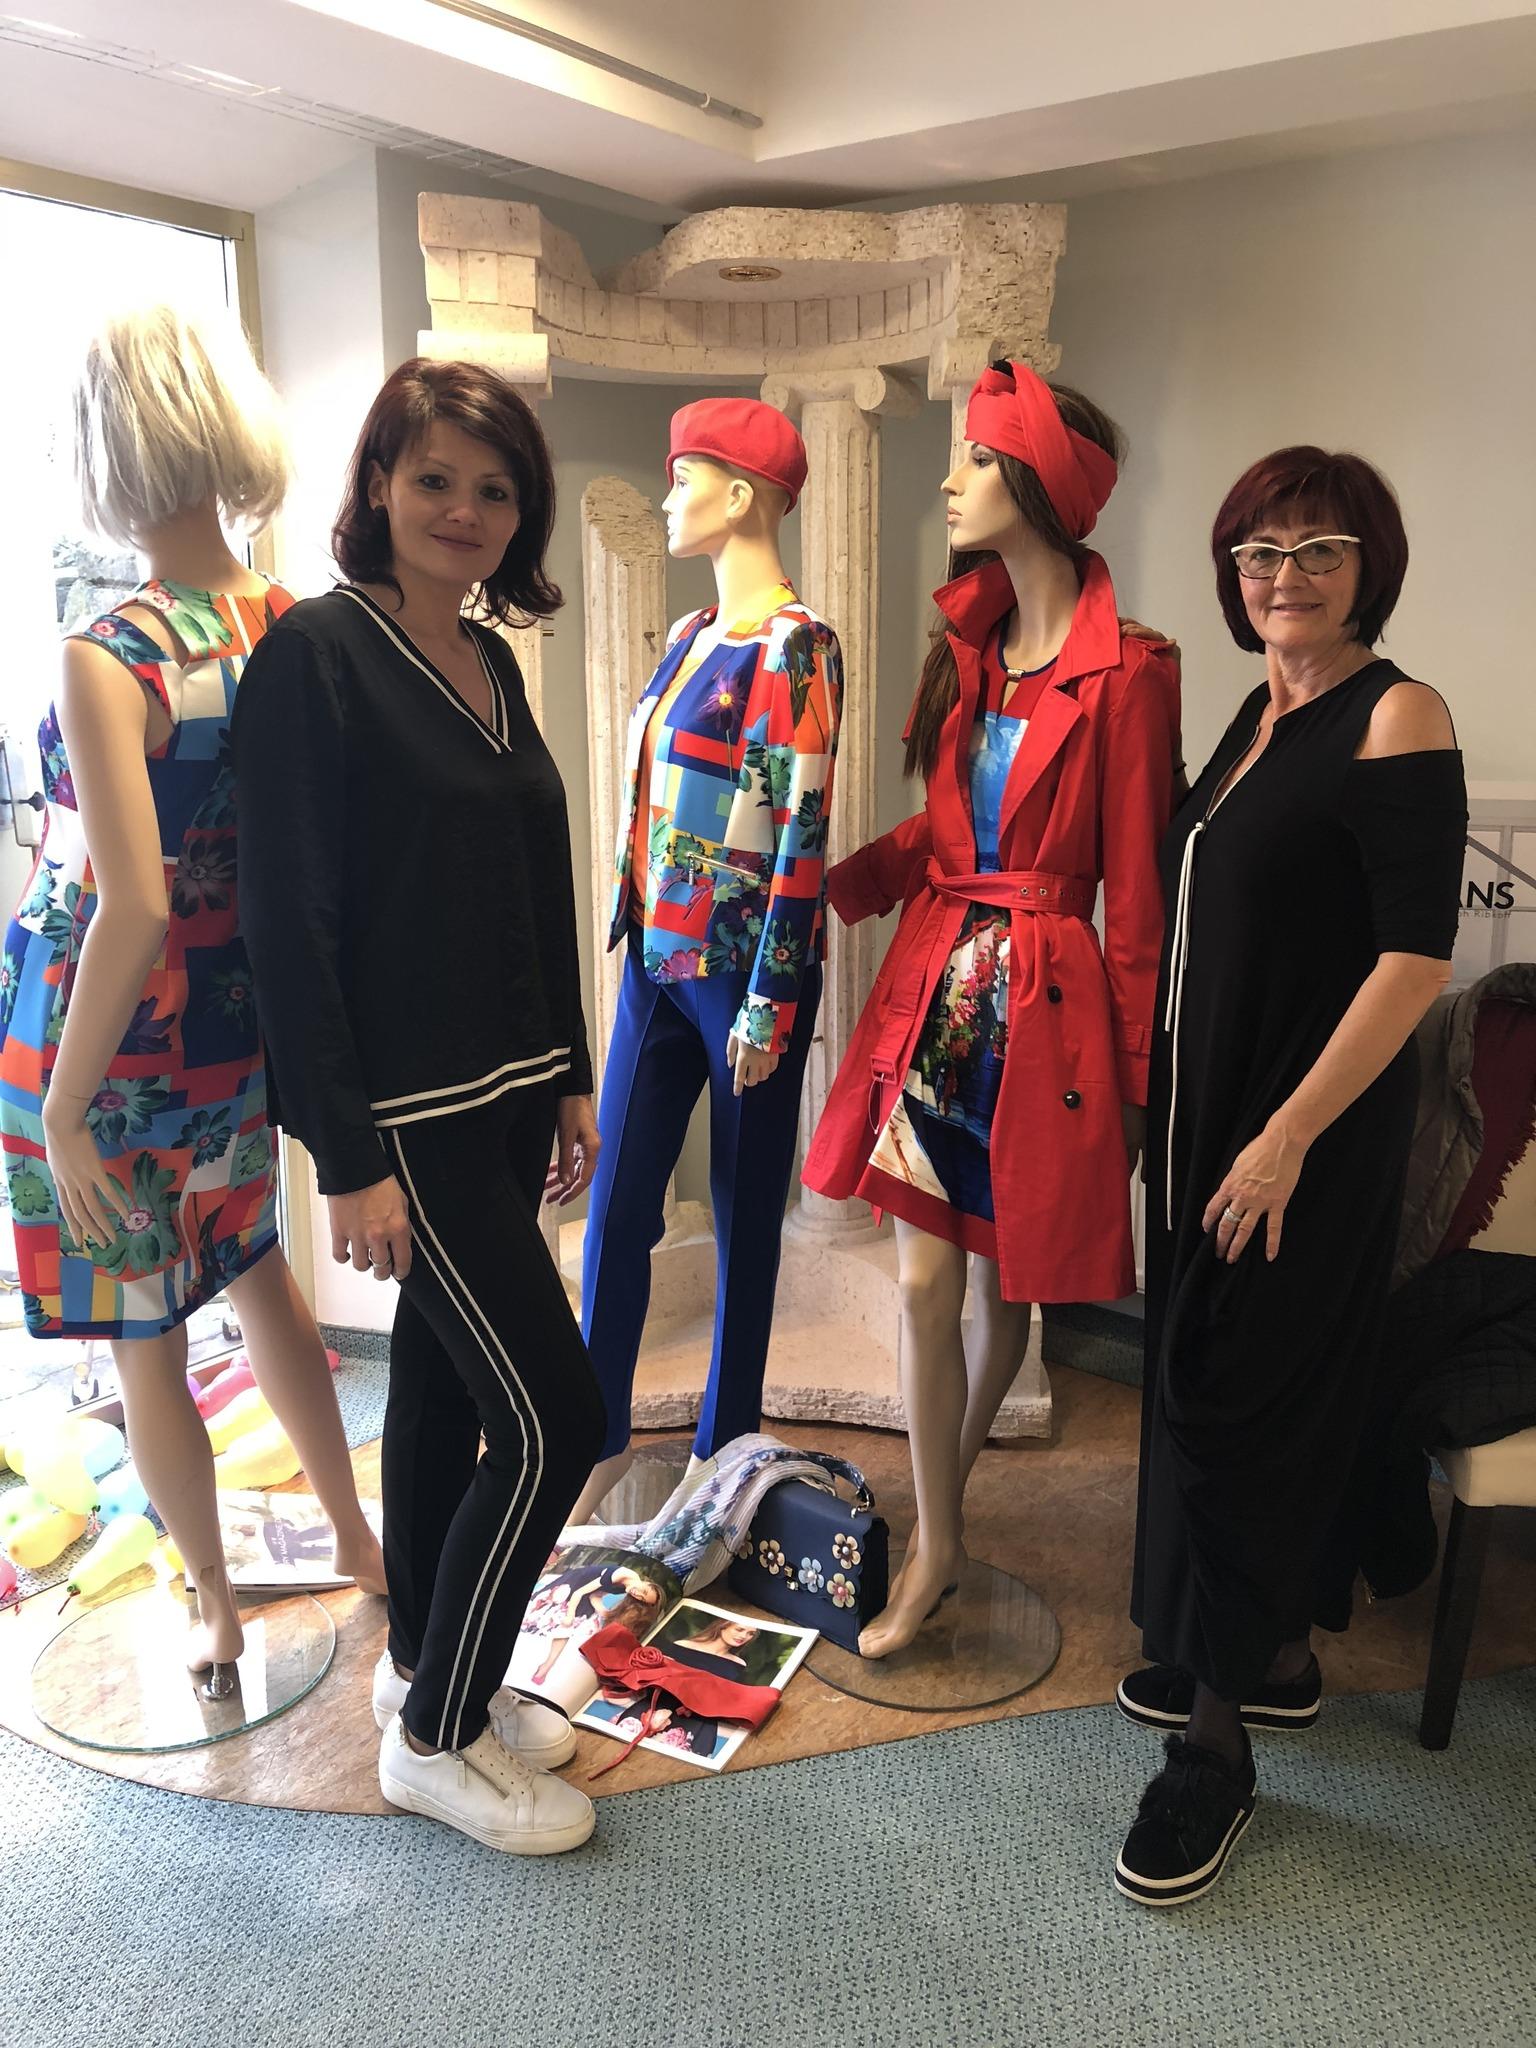 Hausmesse Die Neuesten Trends In Sachen Mode Bei Chic Ola In